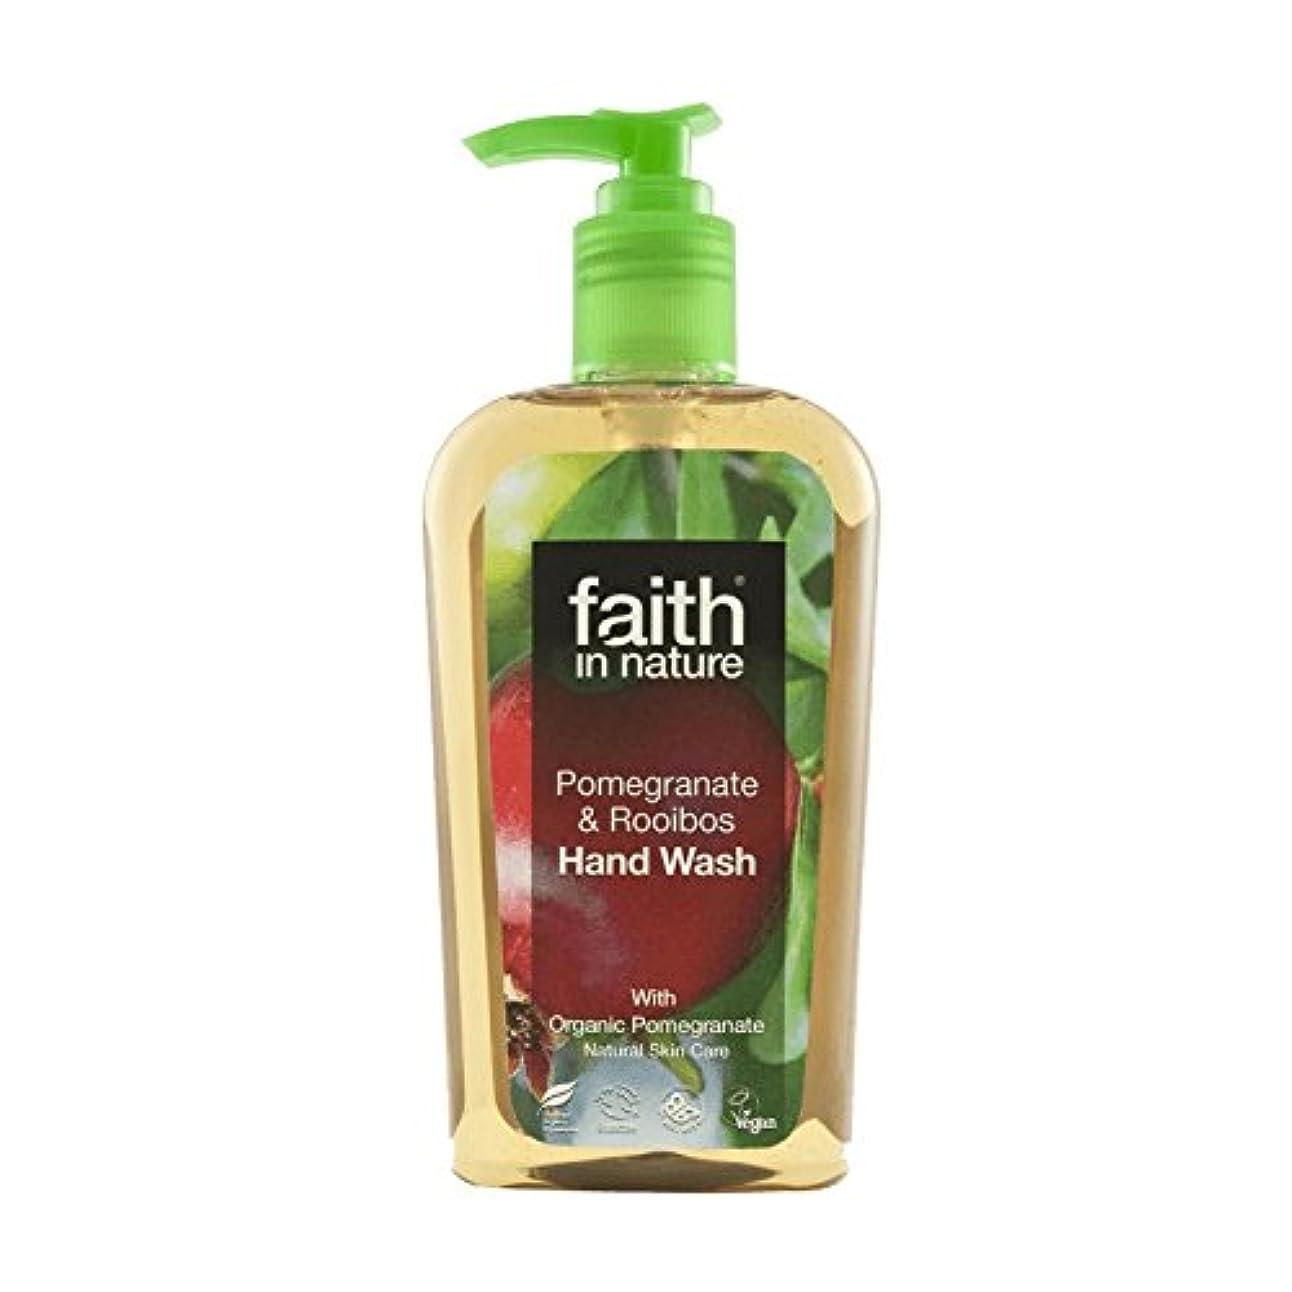 優れたニュージーランド無効自然ザクロ&ルイボス手洗いの300ミリリットルの信仰 - Faith In Nature Pomegranate & Rooibos Handwash 300ml (Faith in Nature) [並行輸入品]